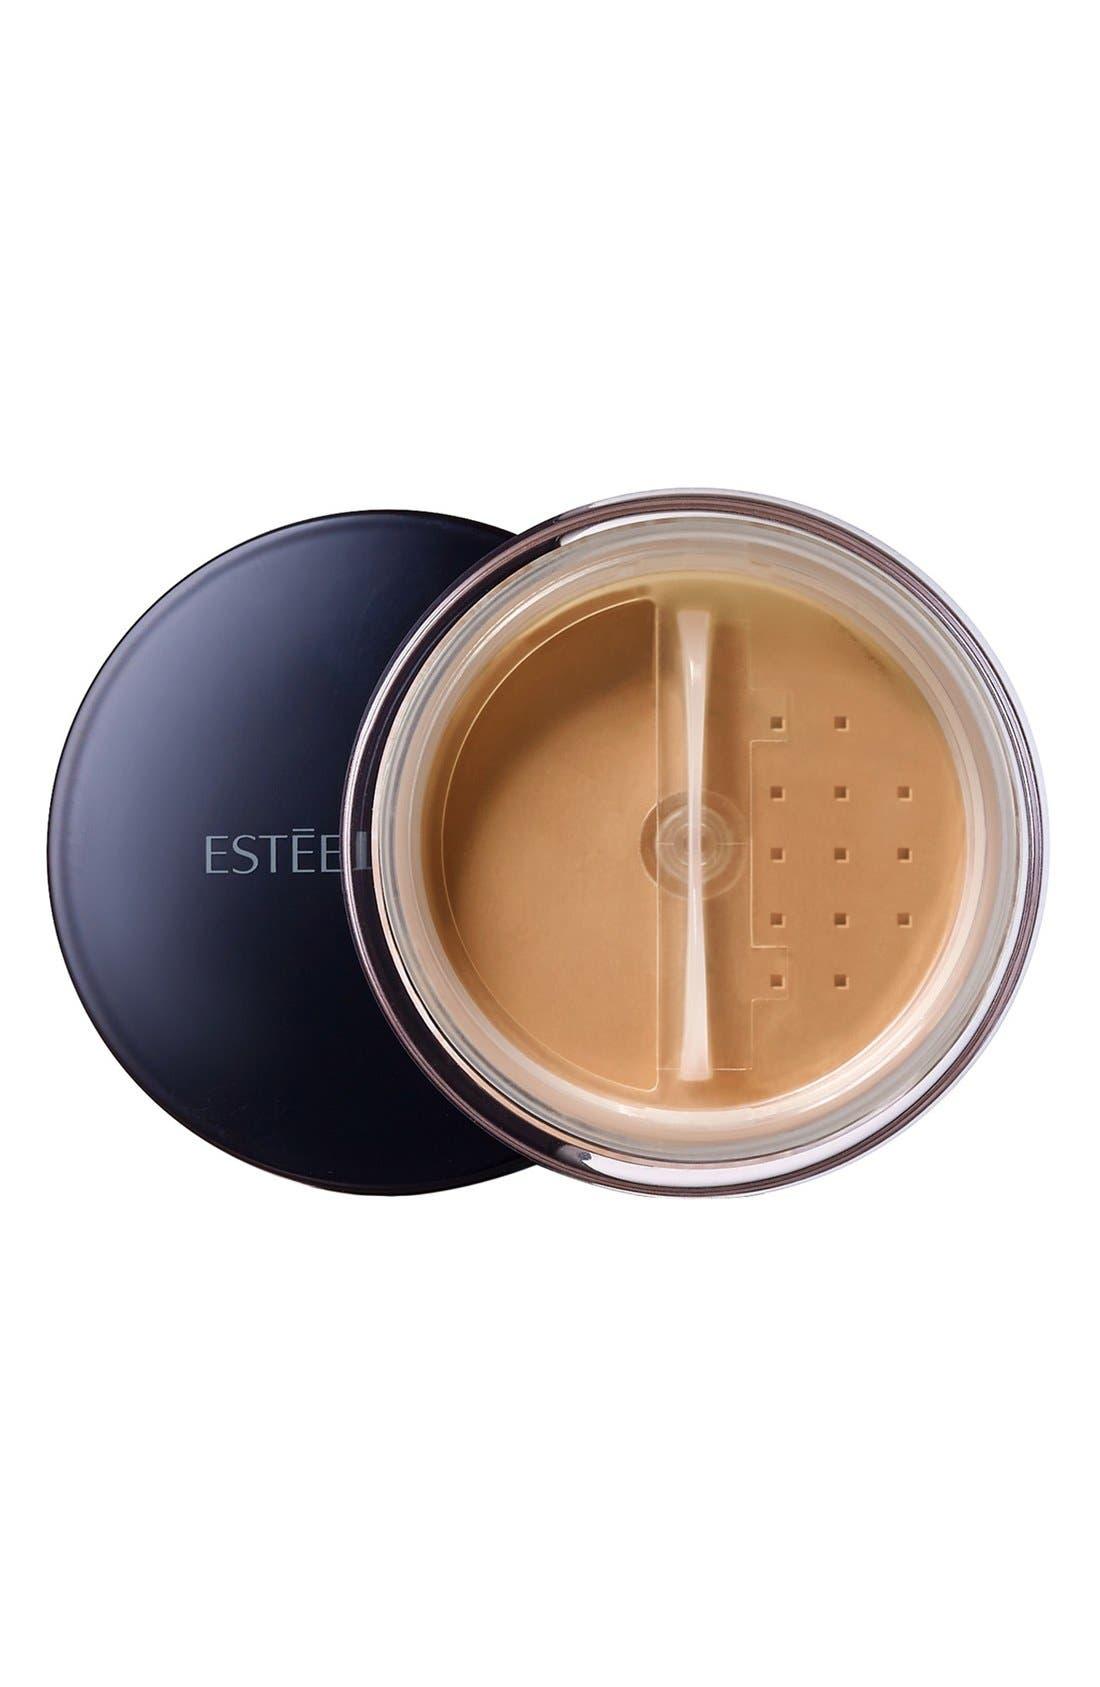 Estee Lauder Perfecting Loose Powder - Medium